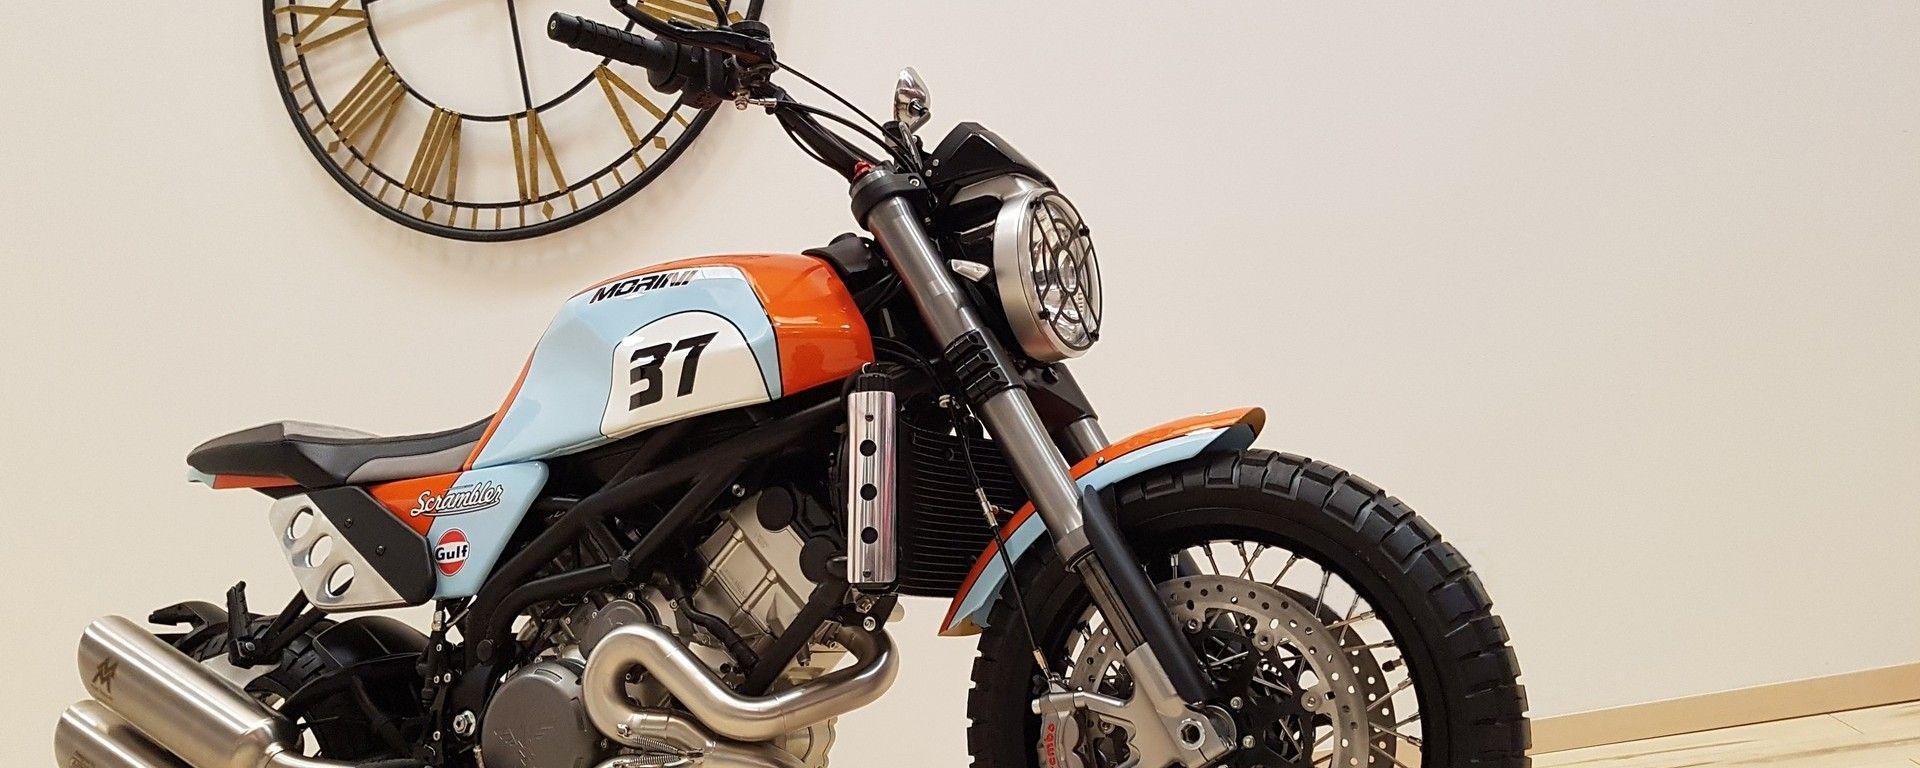 Moto Morini al MBE 2018: special, novità ed elettrico